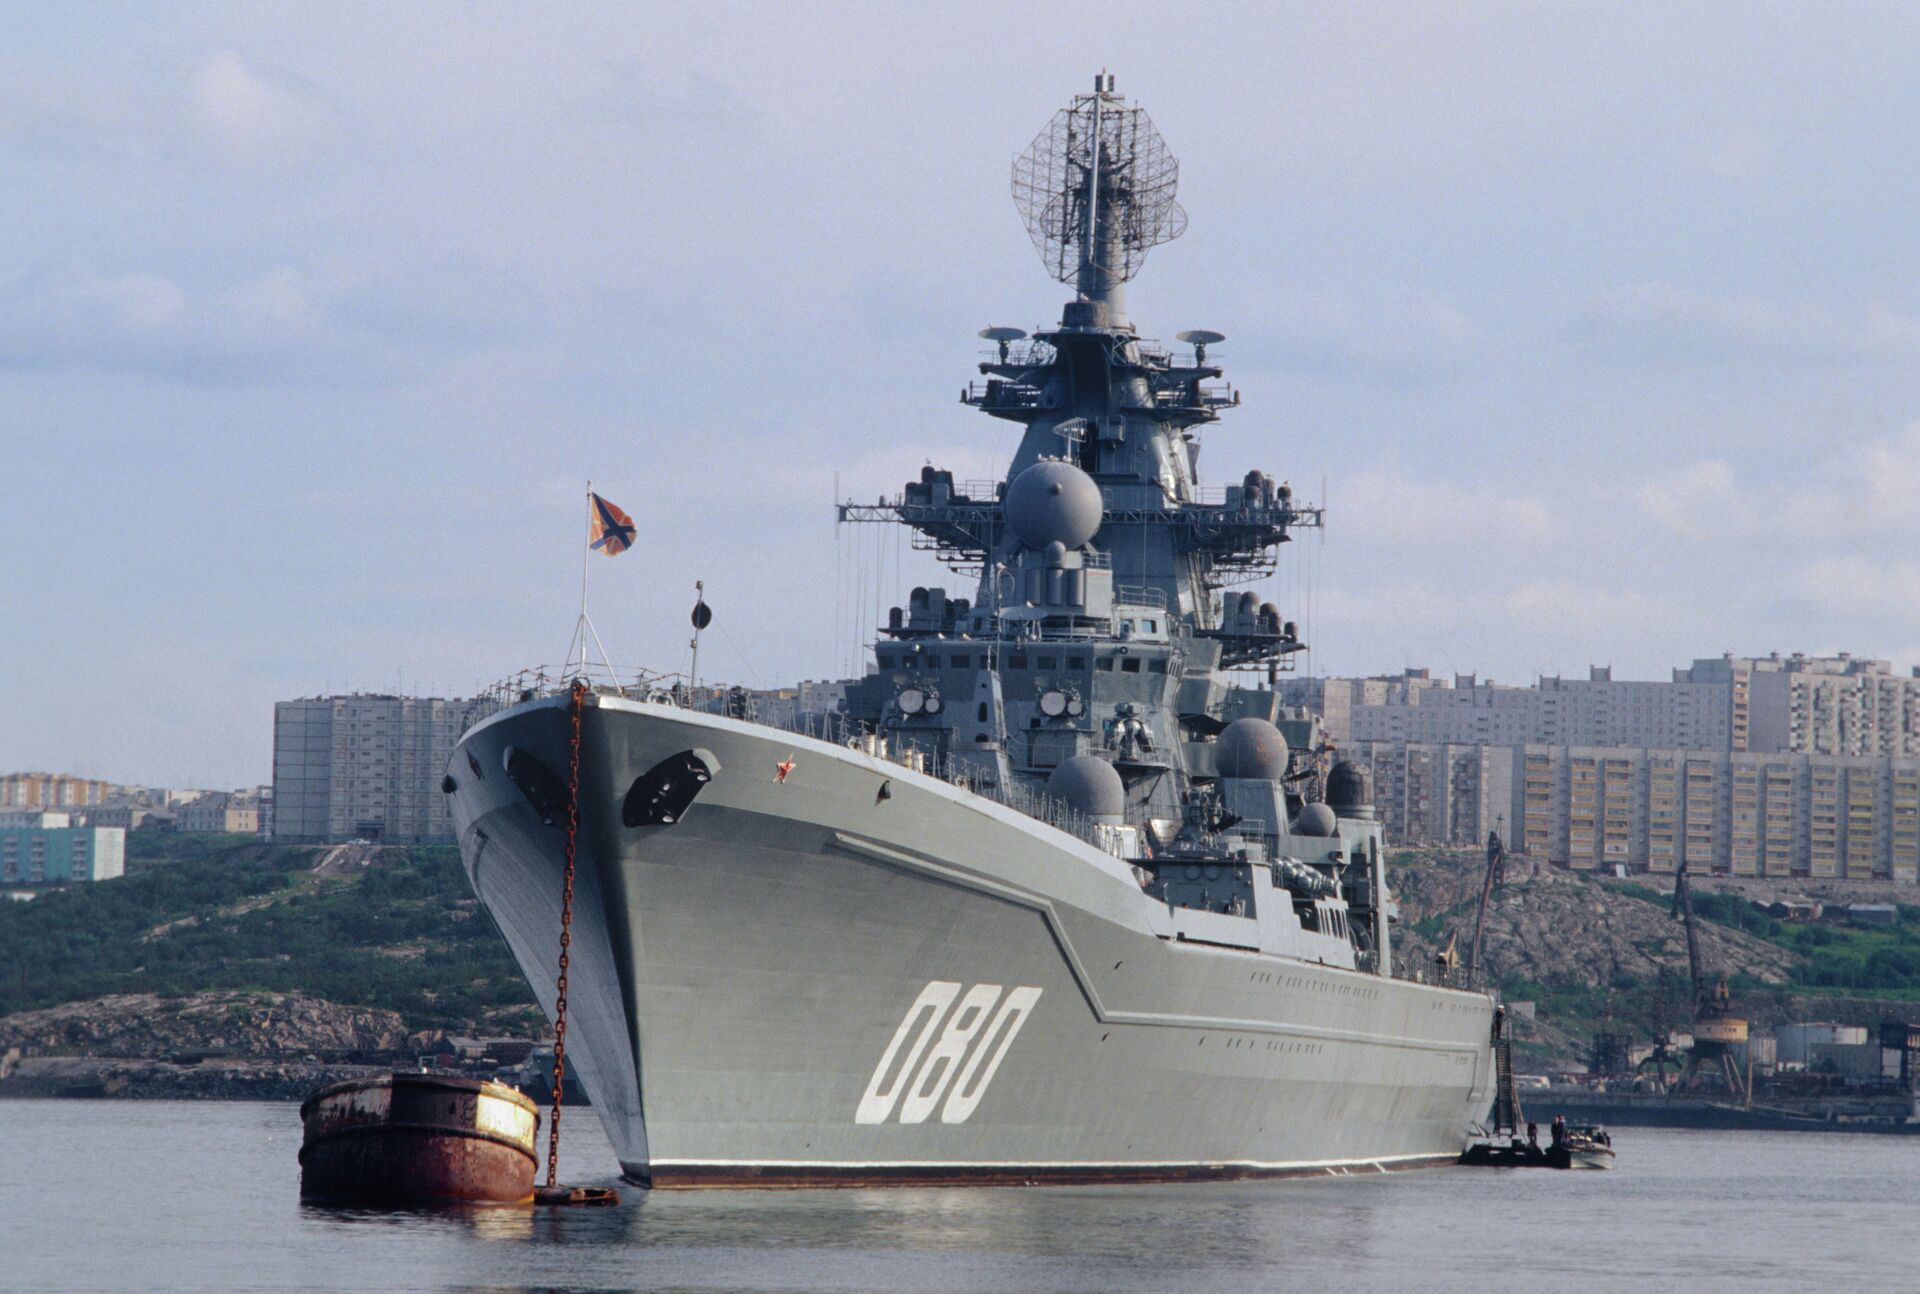 Тяжёлый атомный ракетный крейсер Адмирал Нахимов - РИА Новости, 1920, 14.01.2021